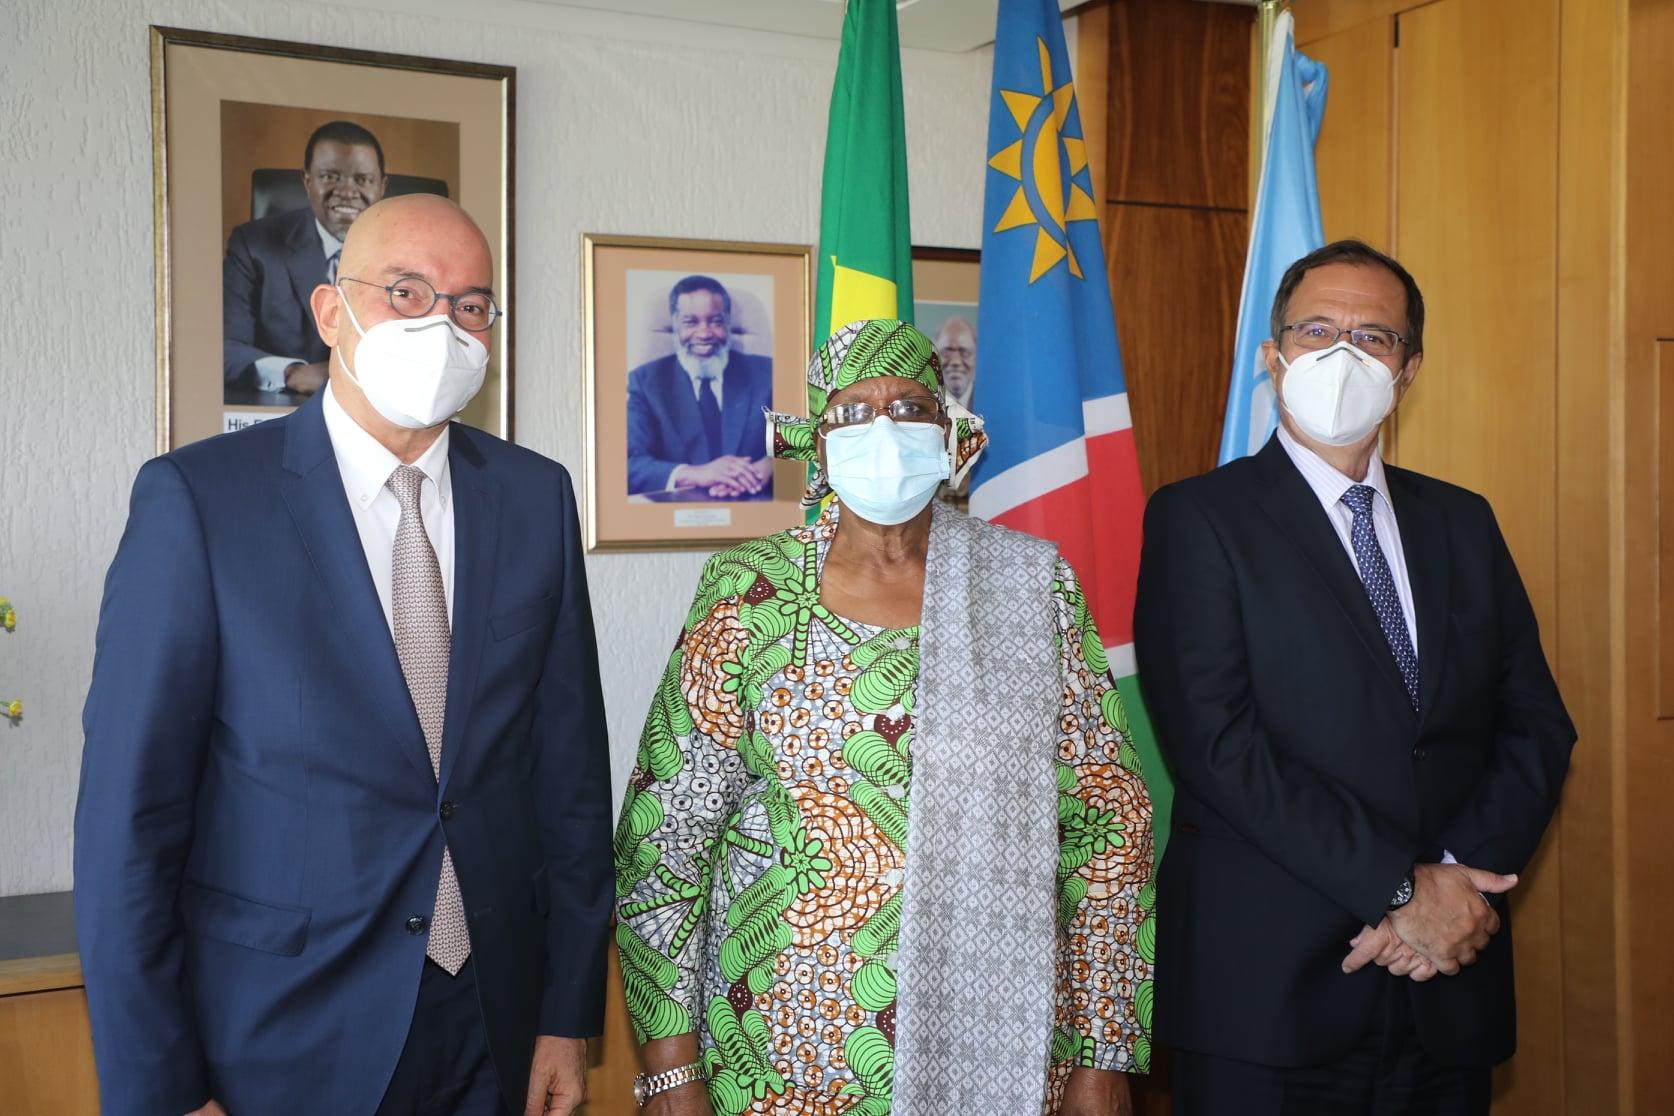 Com apoio do WFP, Brasil faz doação humanitária à Namíbia